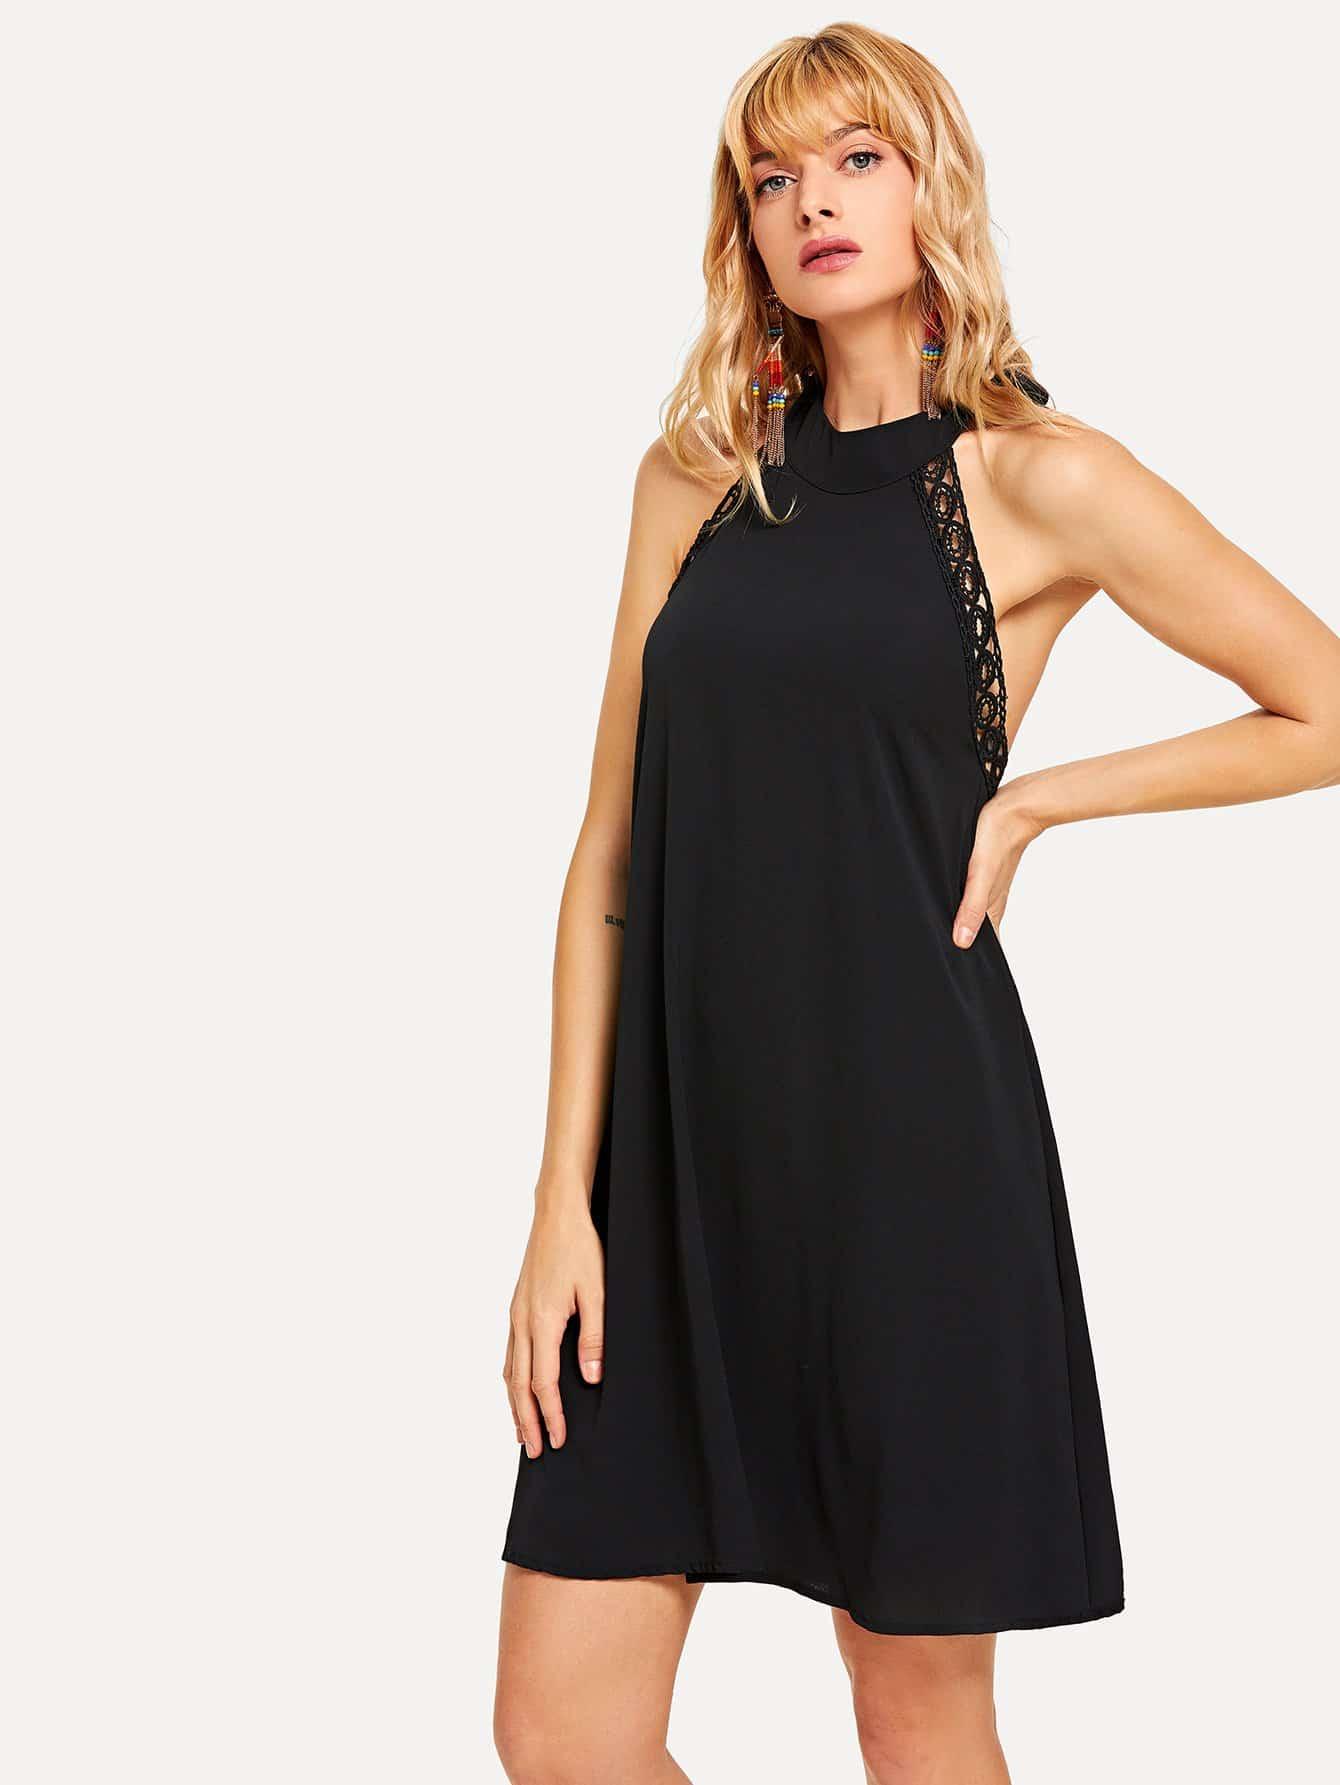 Купить Платье с открытой спиной и с кружевными оборками, Masha, SheIn